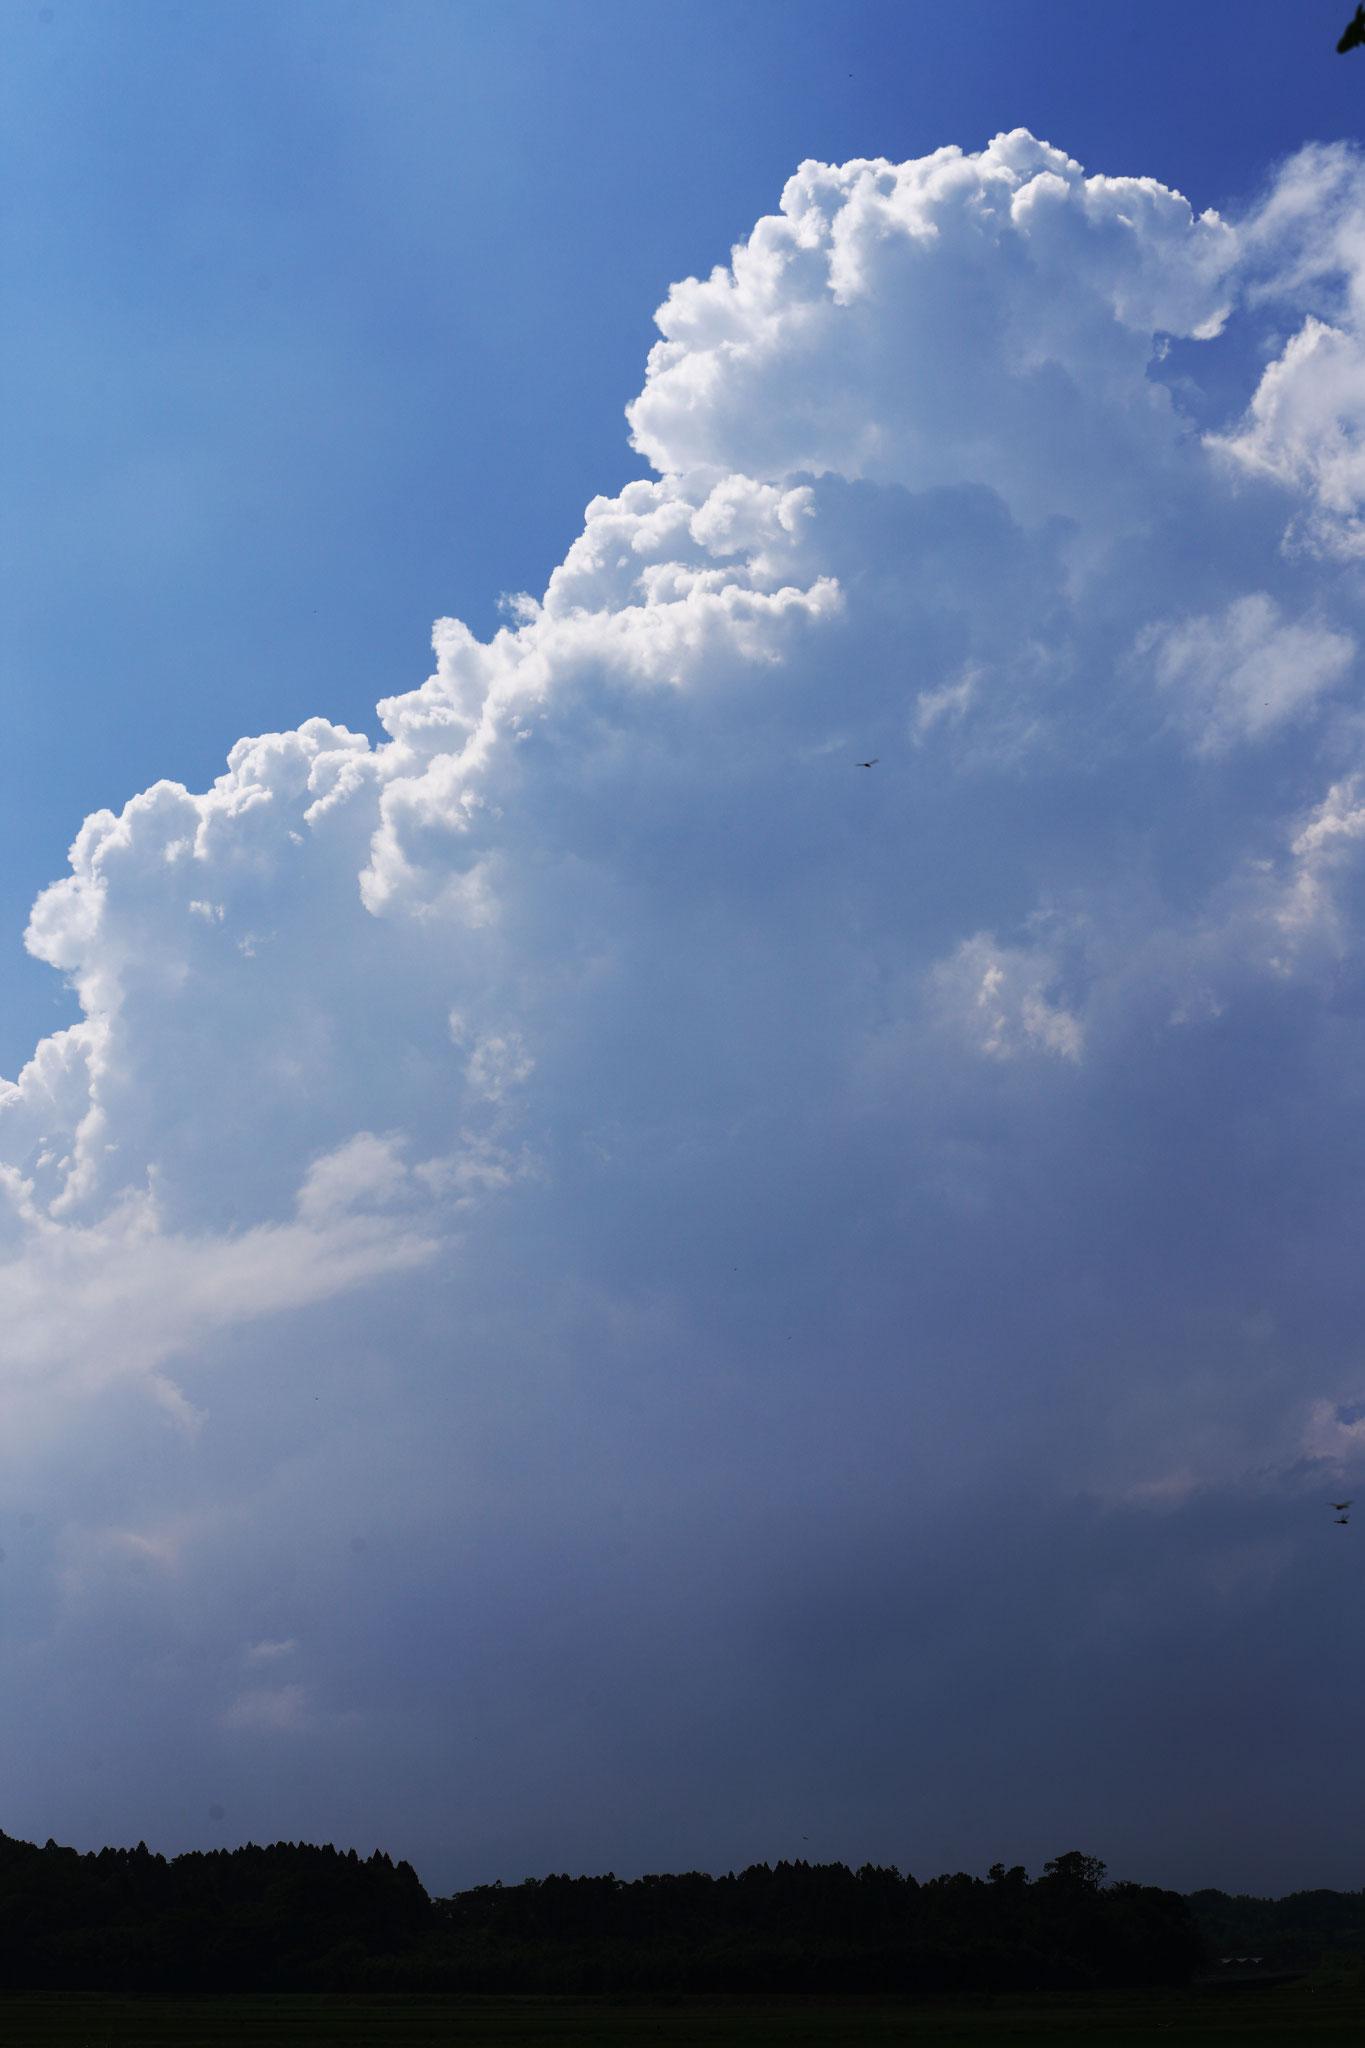 夏らしい積乱雲登場。会社はこのあと大雨に。(6/29 加工センター)